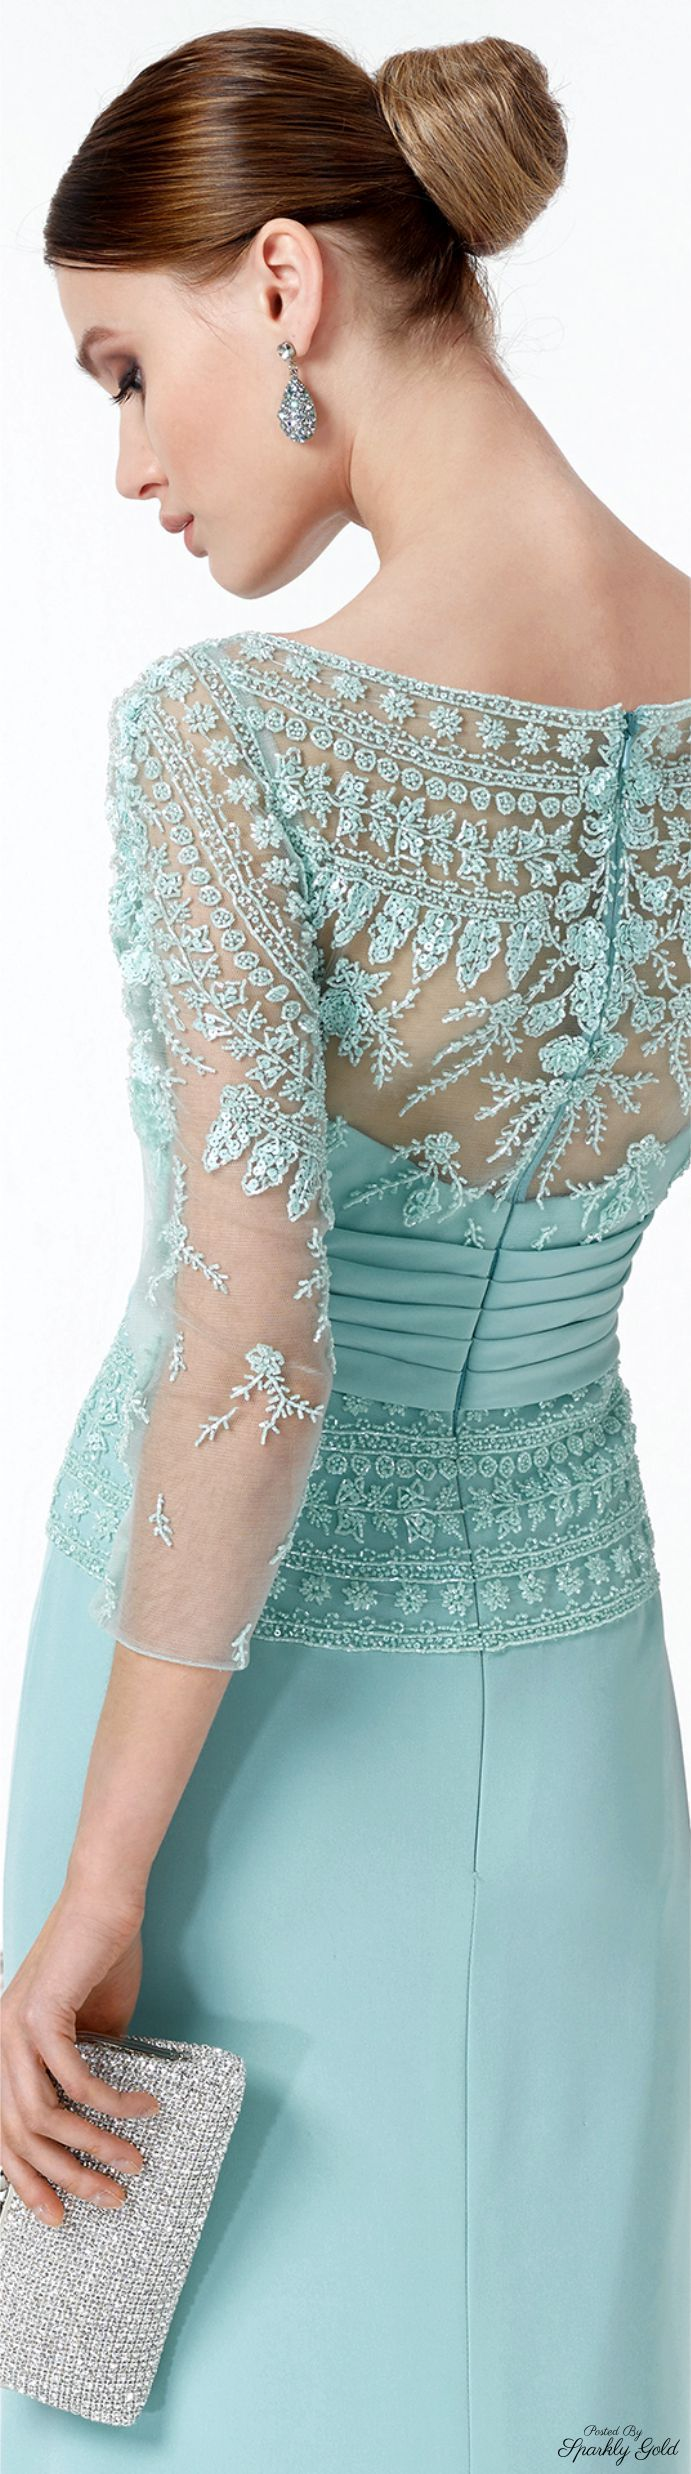 happyskirtt turquoise